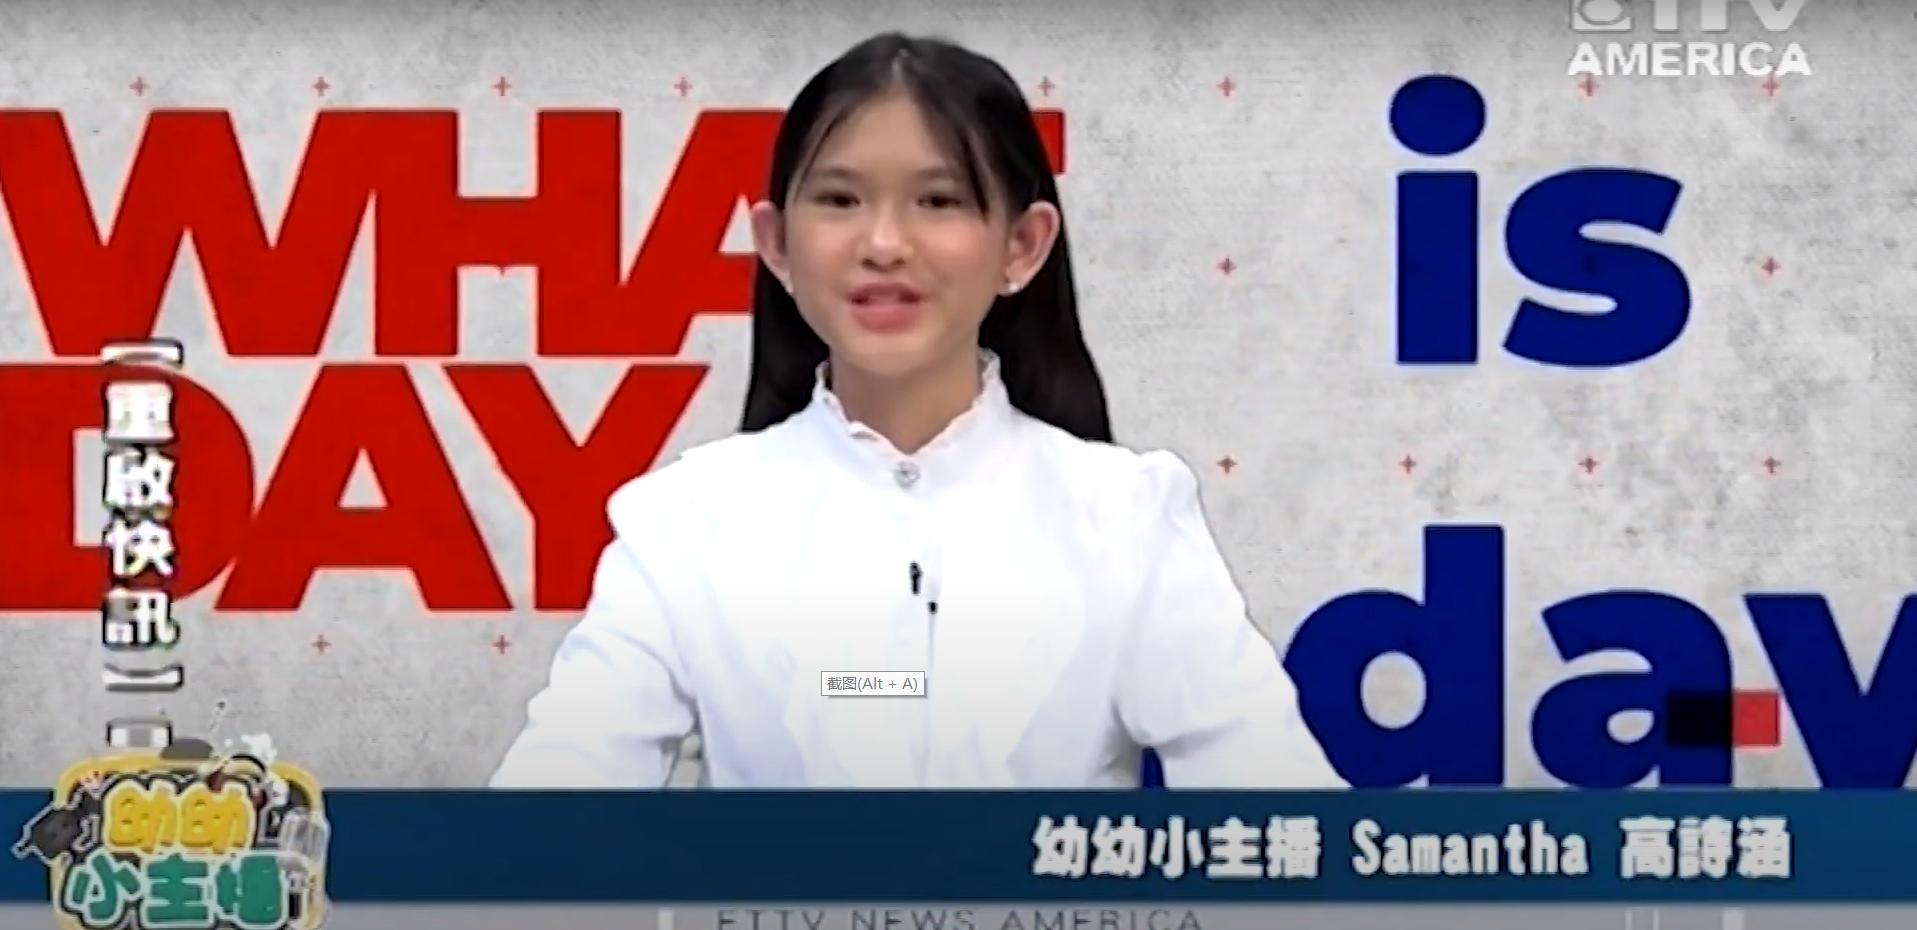 小主播Samantha:5月8日「國家喝可樂日」全世界最熱門的飲料 全球每天消耗19億瓶